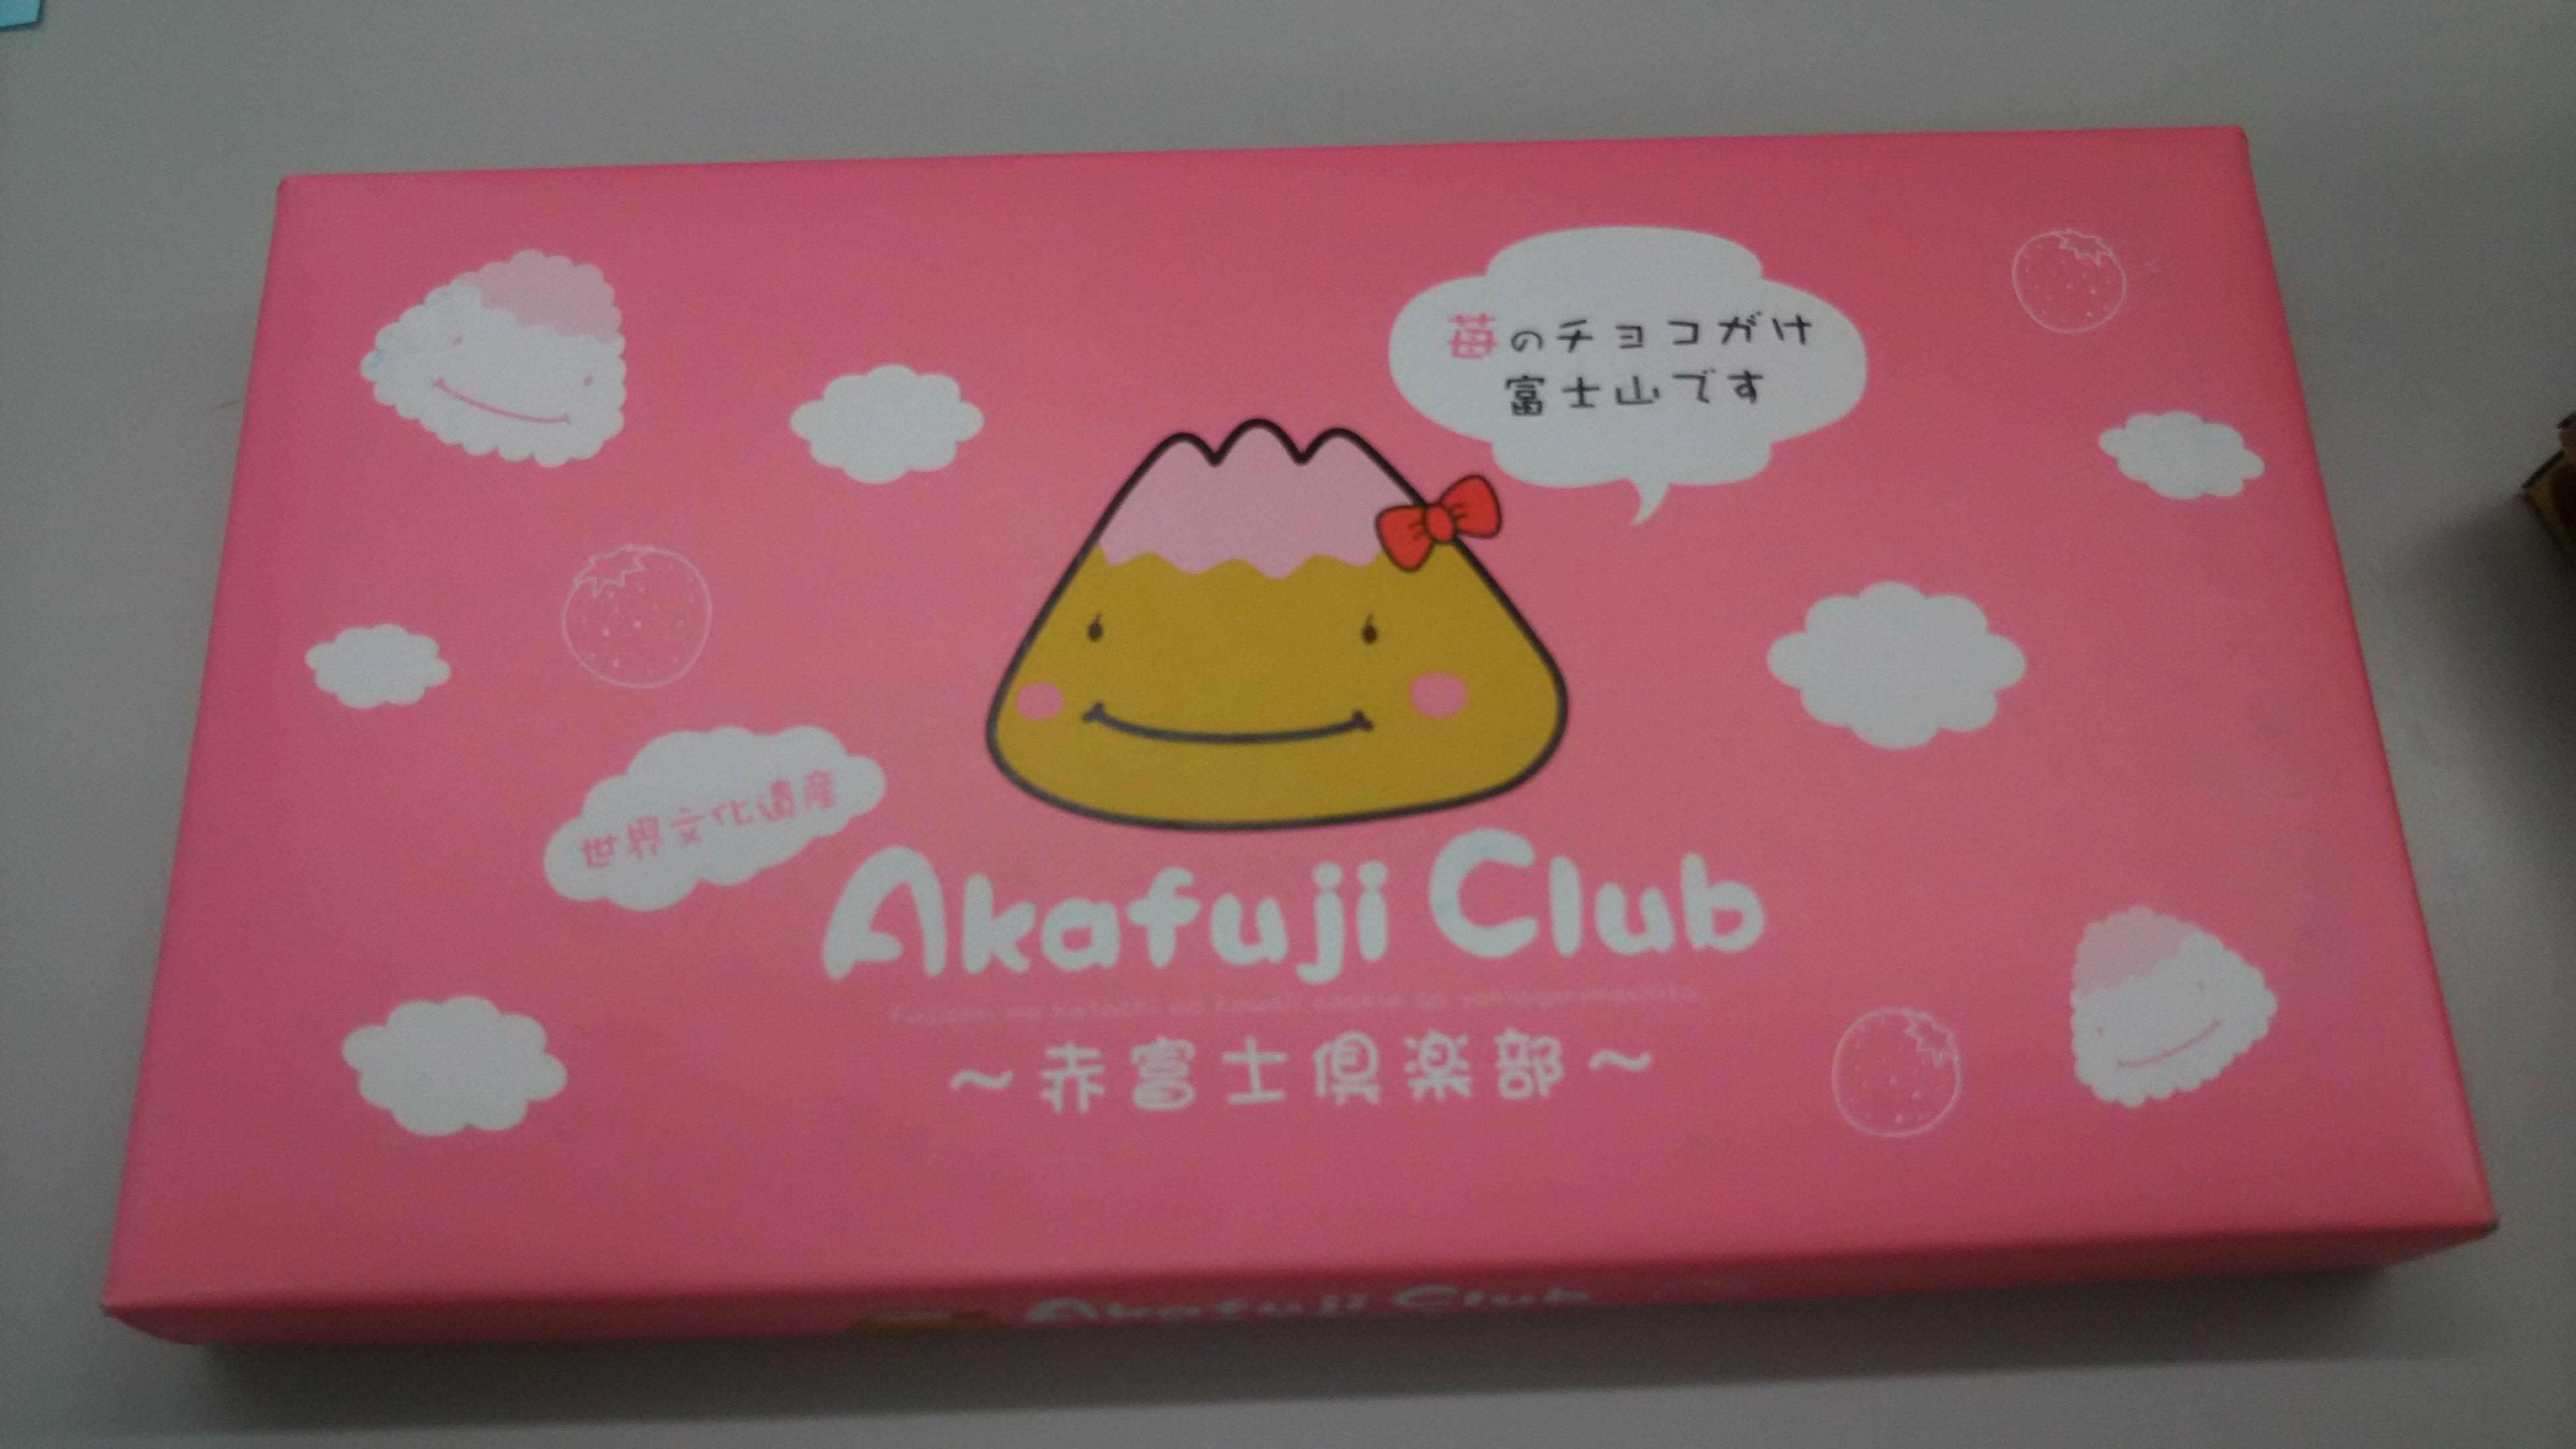 またまたお土産を頂きました(*^▽^*)